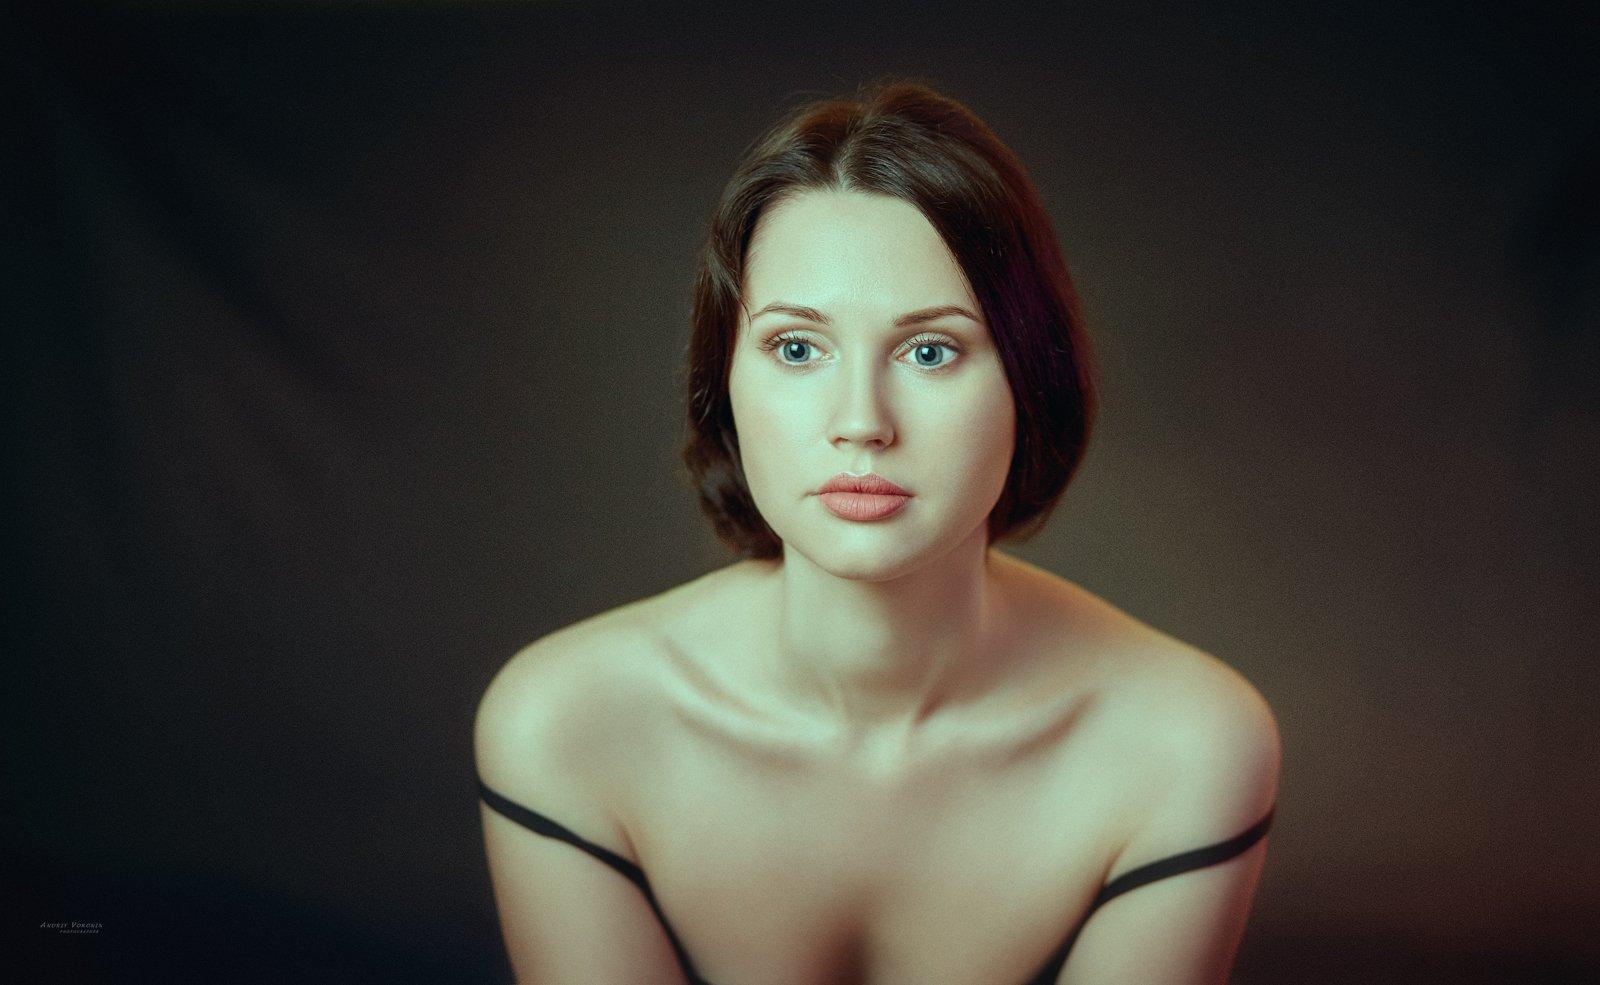 портрет,девушка,глаза,взгляд,, Воронин Андрей